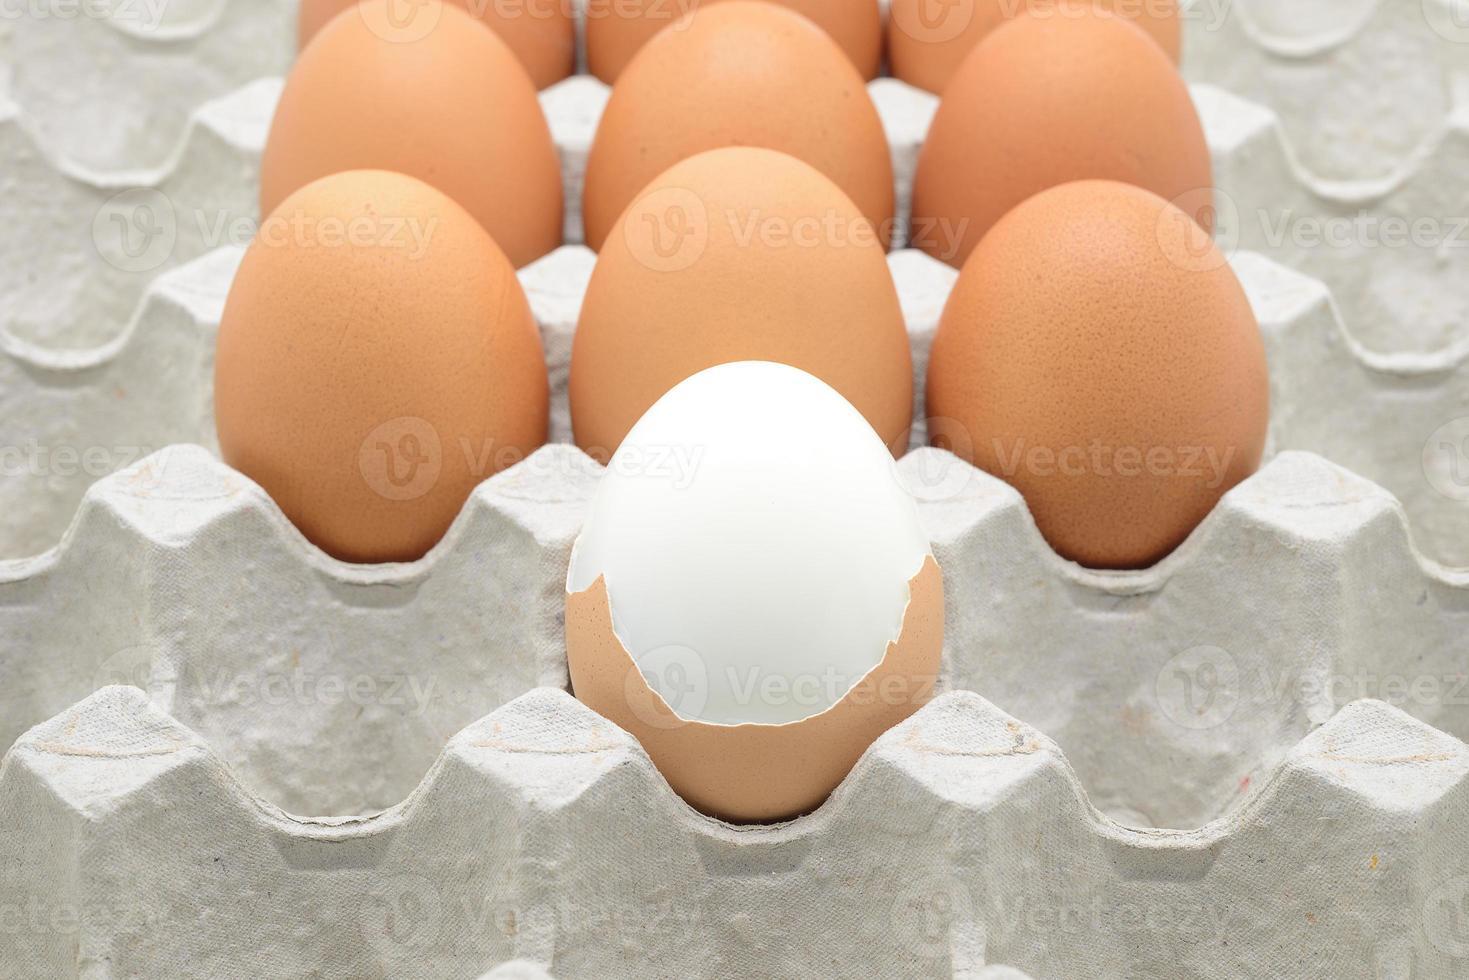 gekookt ei en rauwe eieren op een papieren krat foto